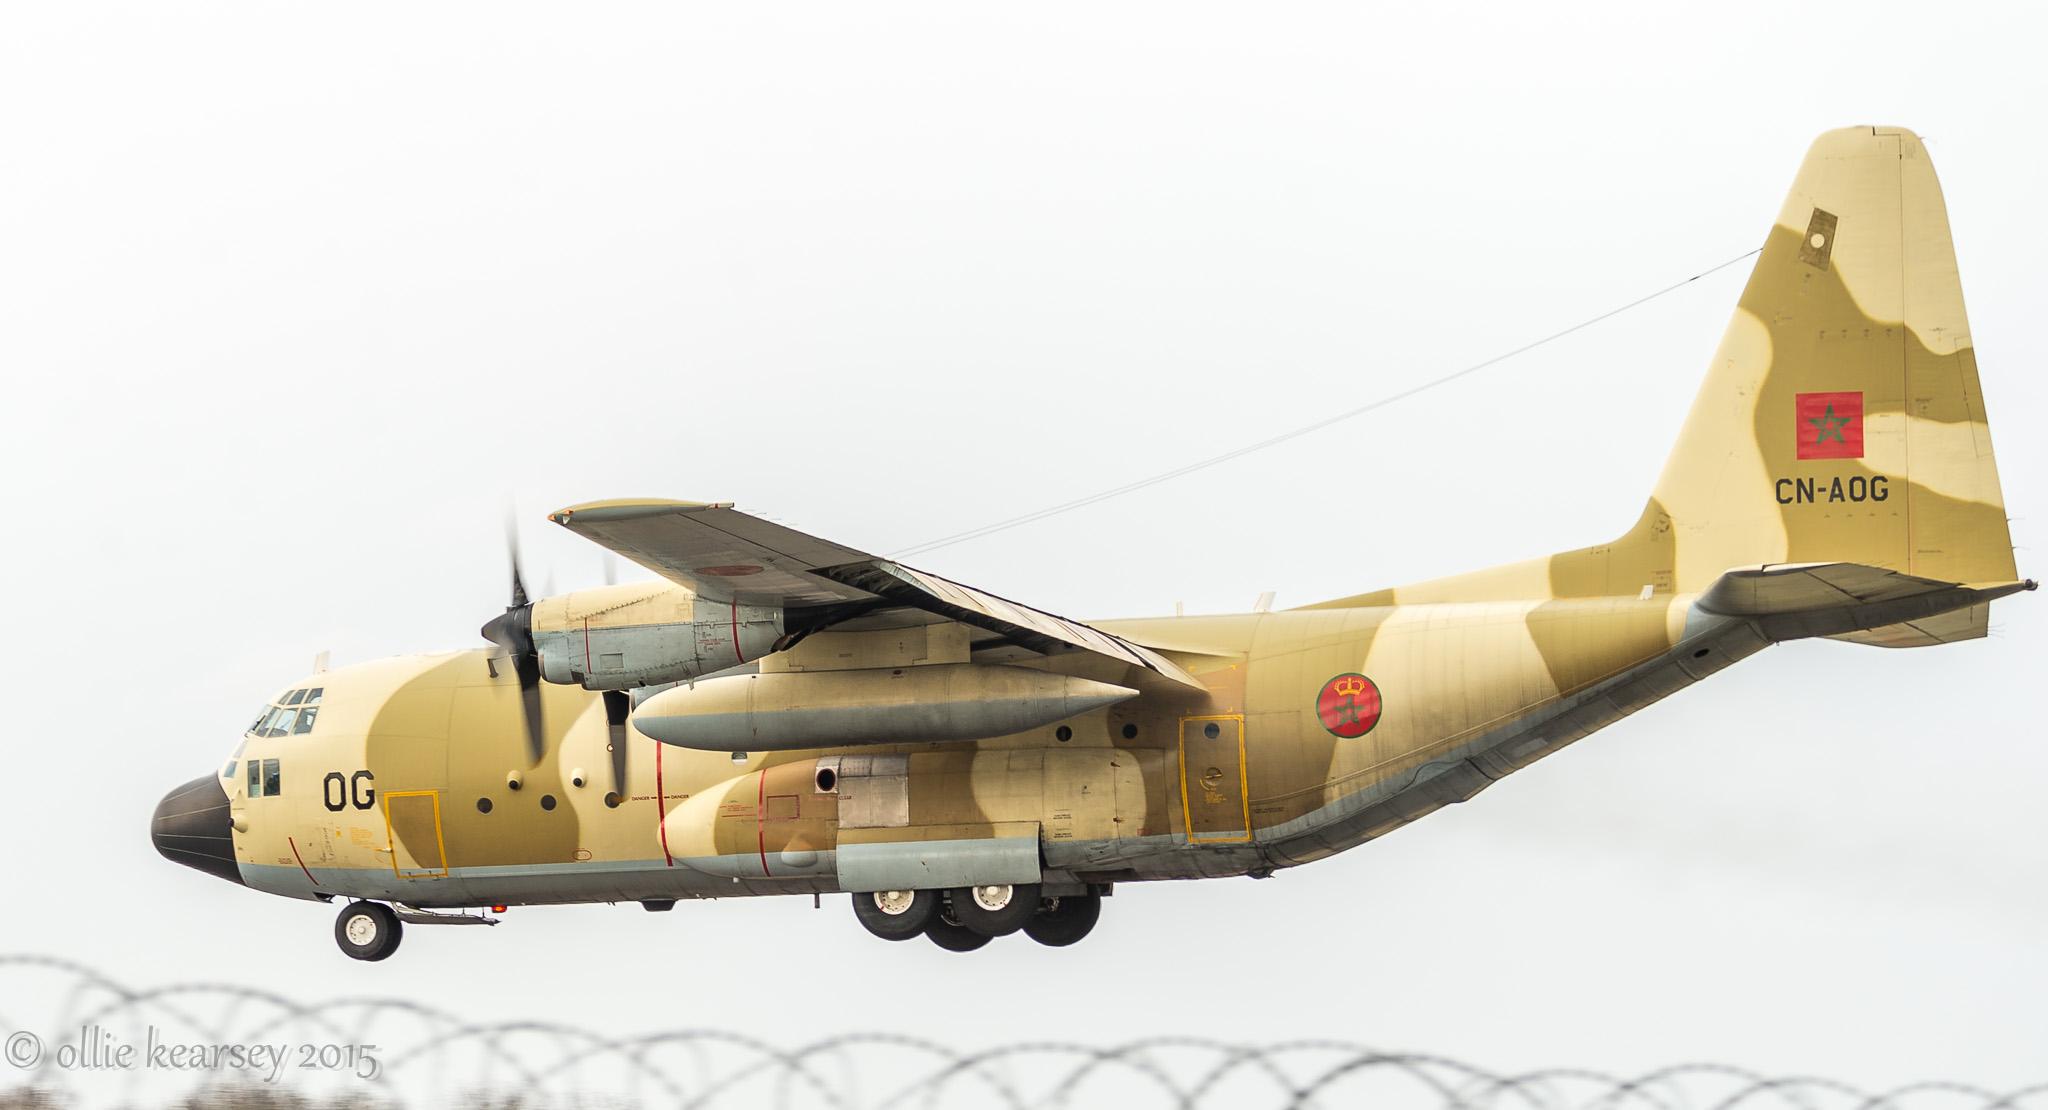 FRA: Photos d'avions de transport - Page 21 16500828879_770e43e5e3_o